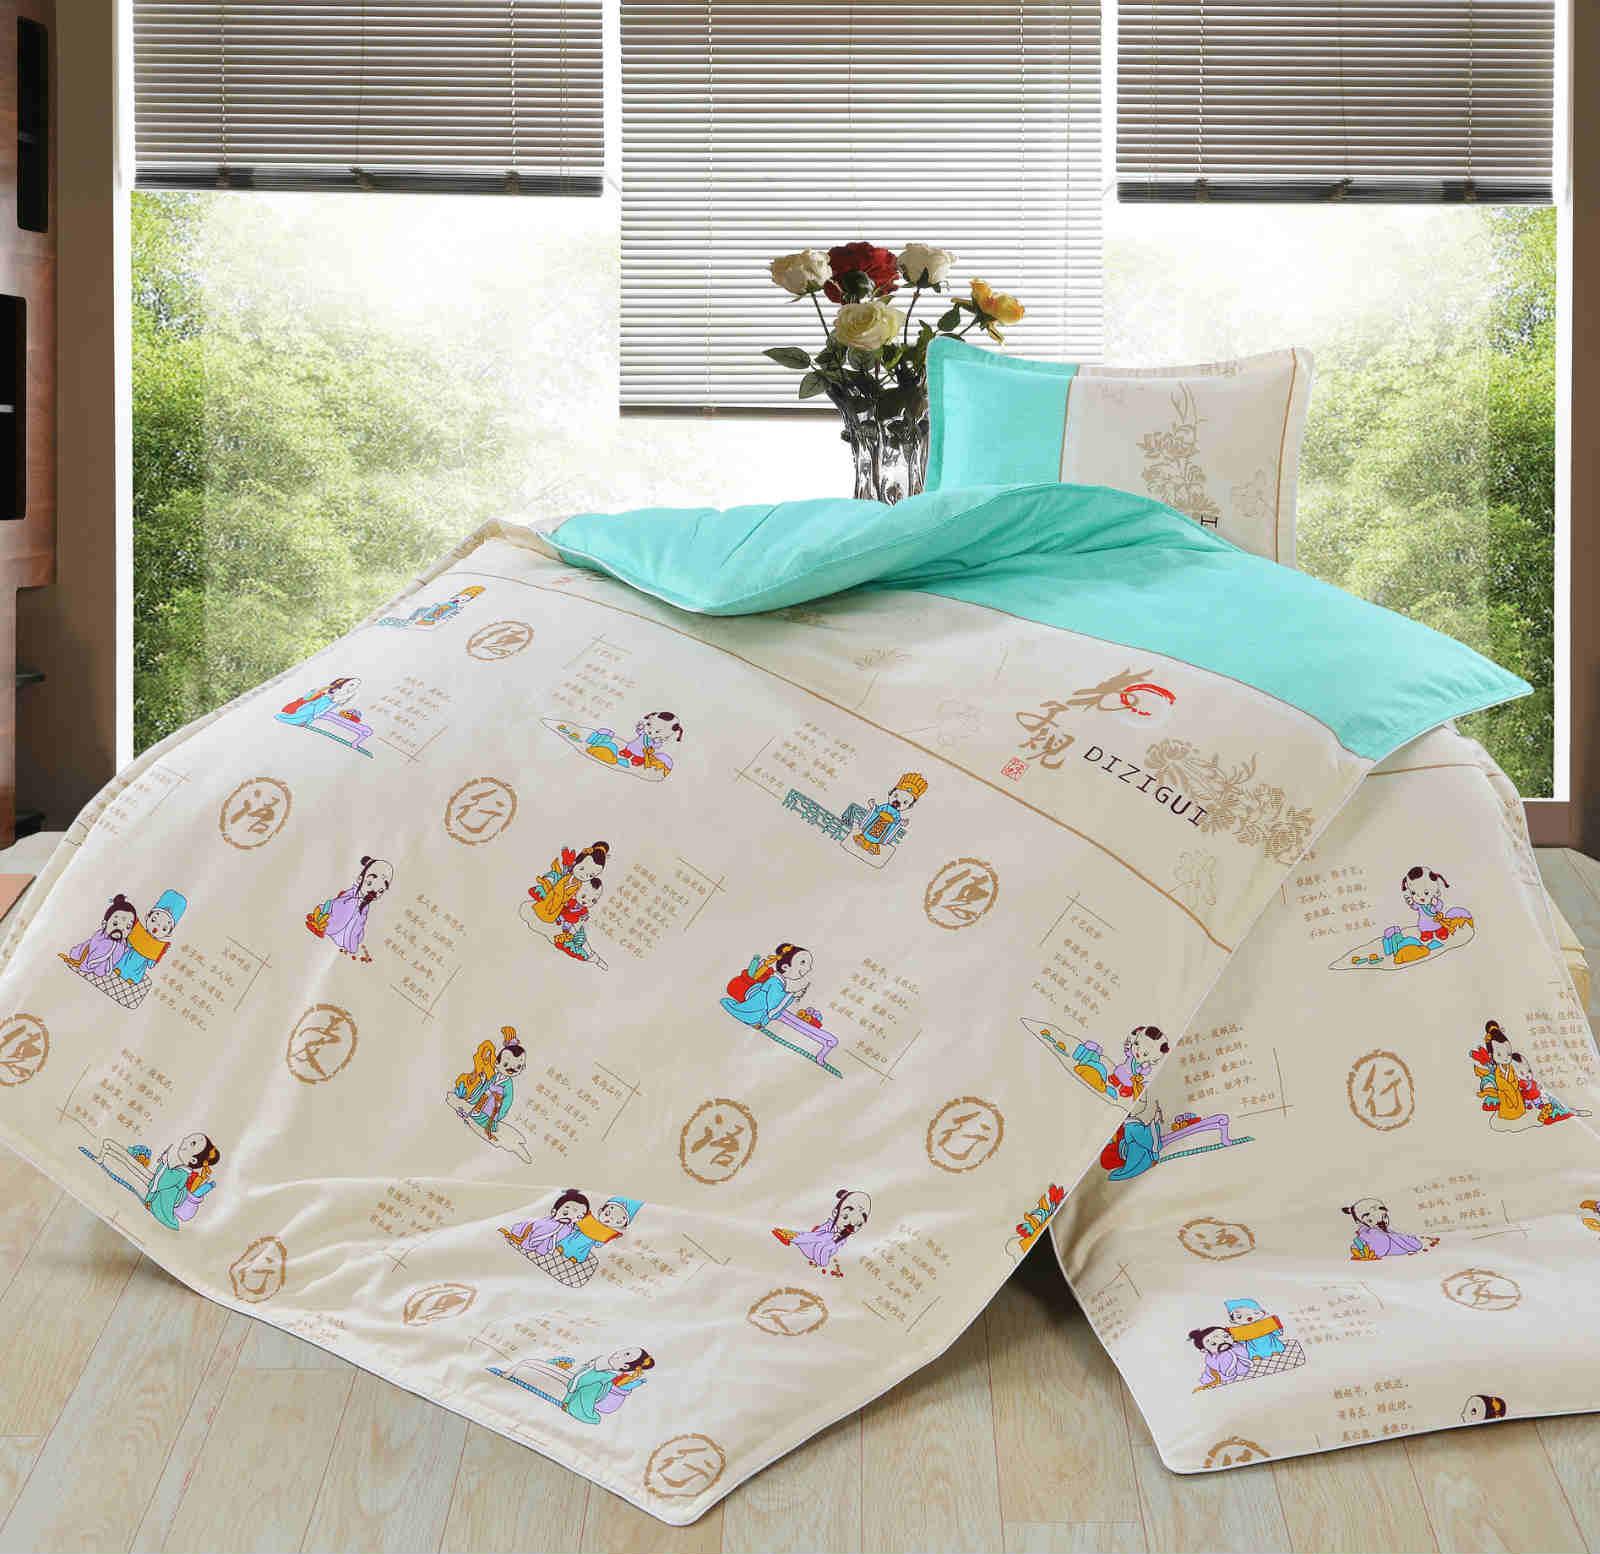 临沂幼儿园午睡小被子价格_临沂超值的幼儿园午睡小被子批发